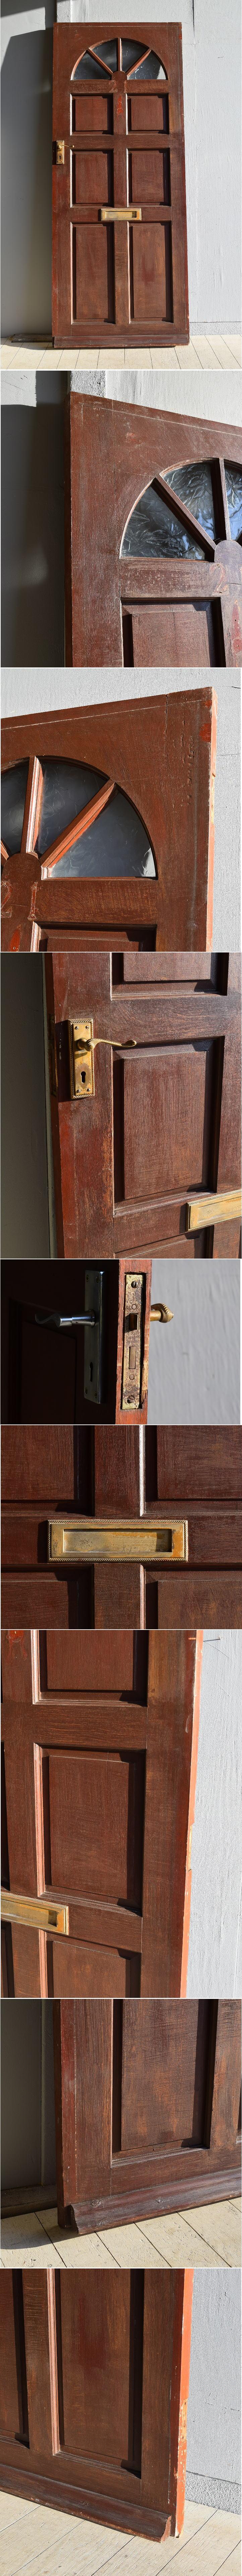 イギリス アンティーク ガラス ドア 扉 ディスプレイ 建具 7897